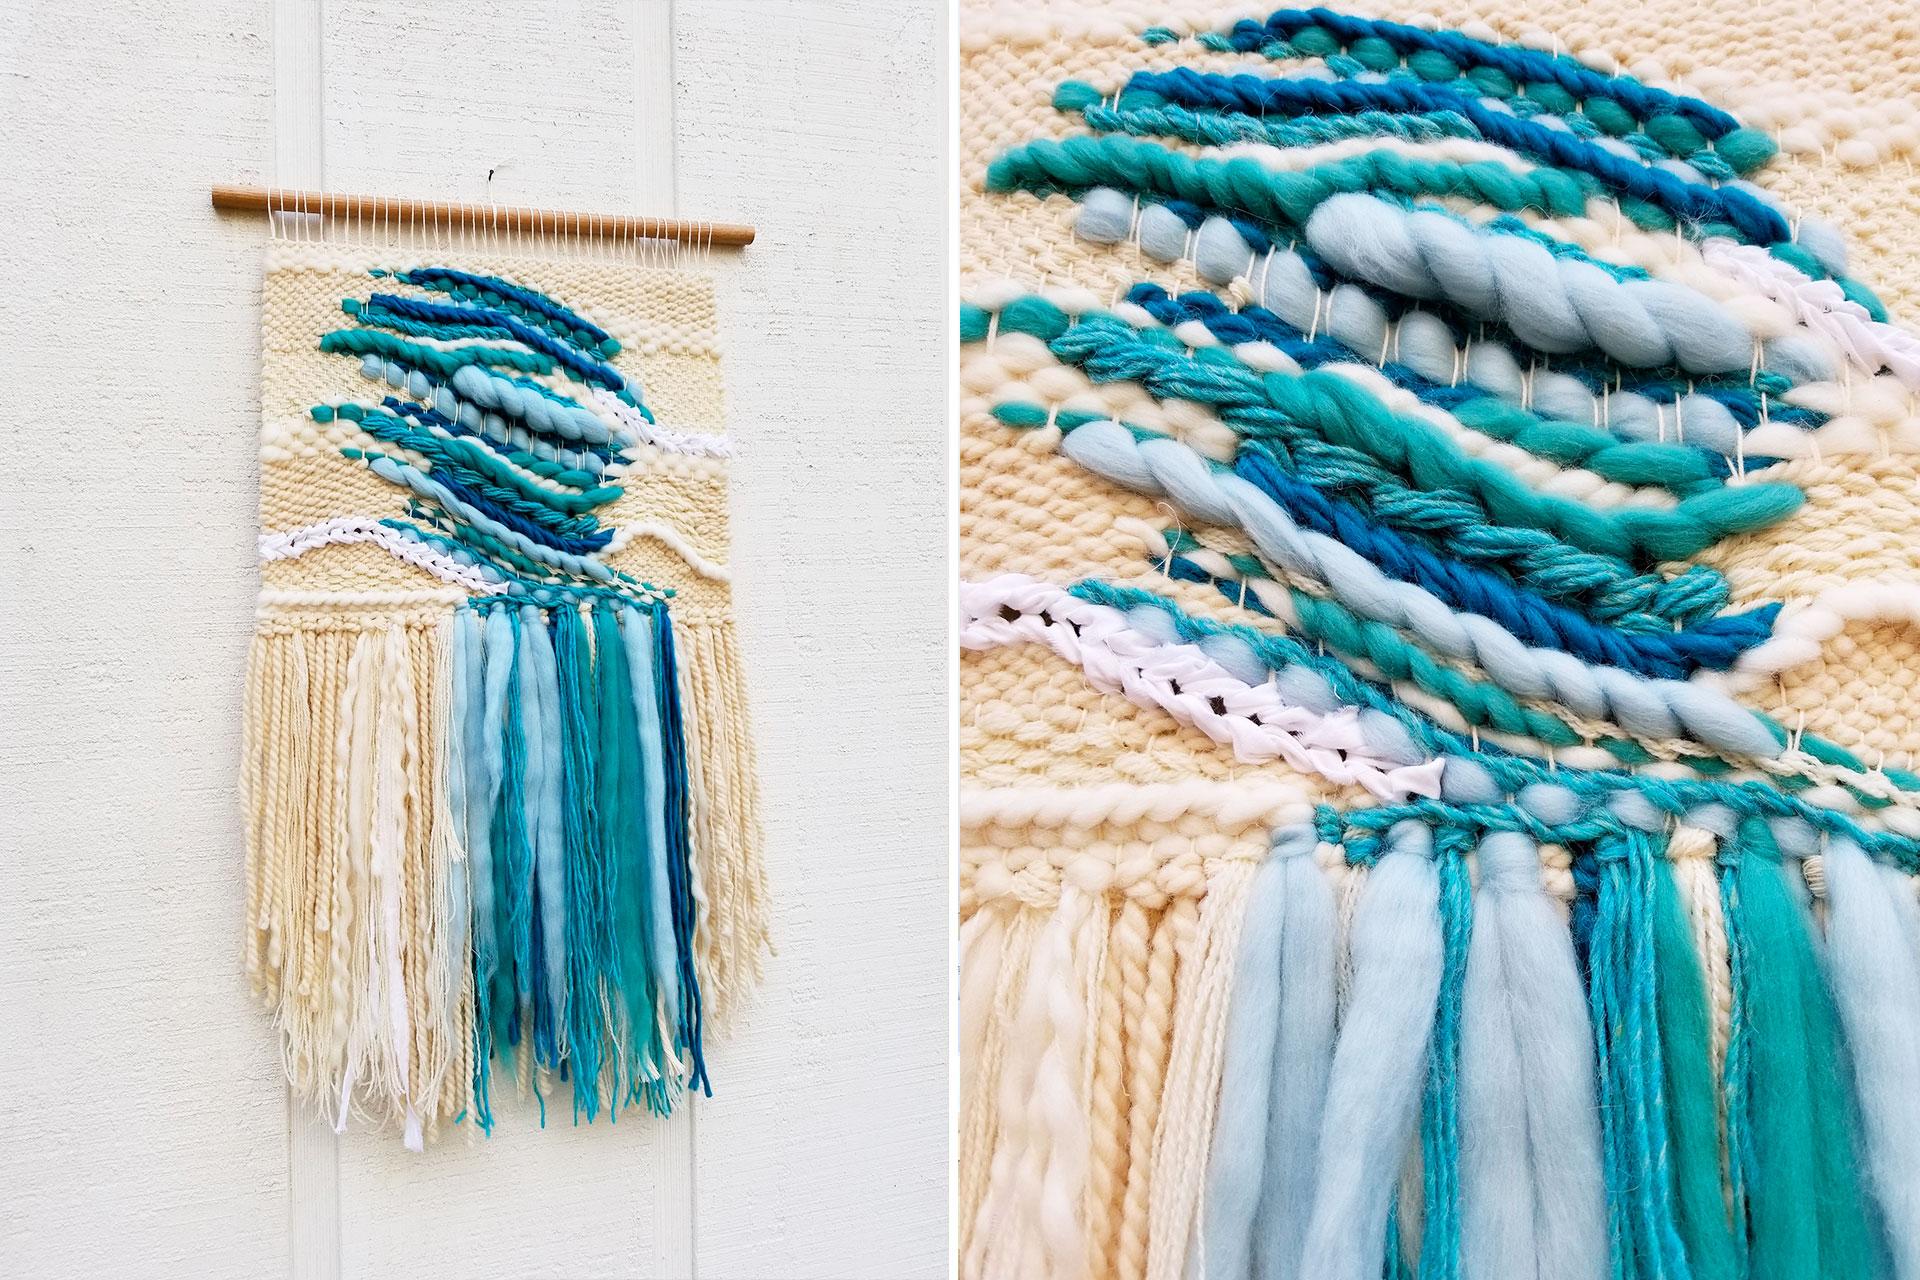 Yarn-of-Ocean-Koel-Stories-4.jpg